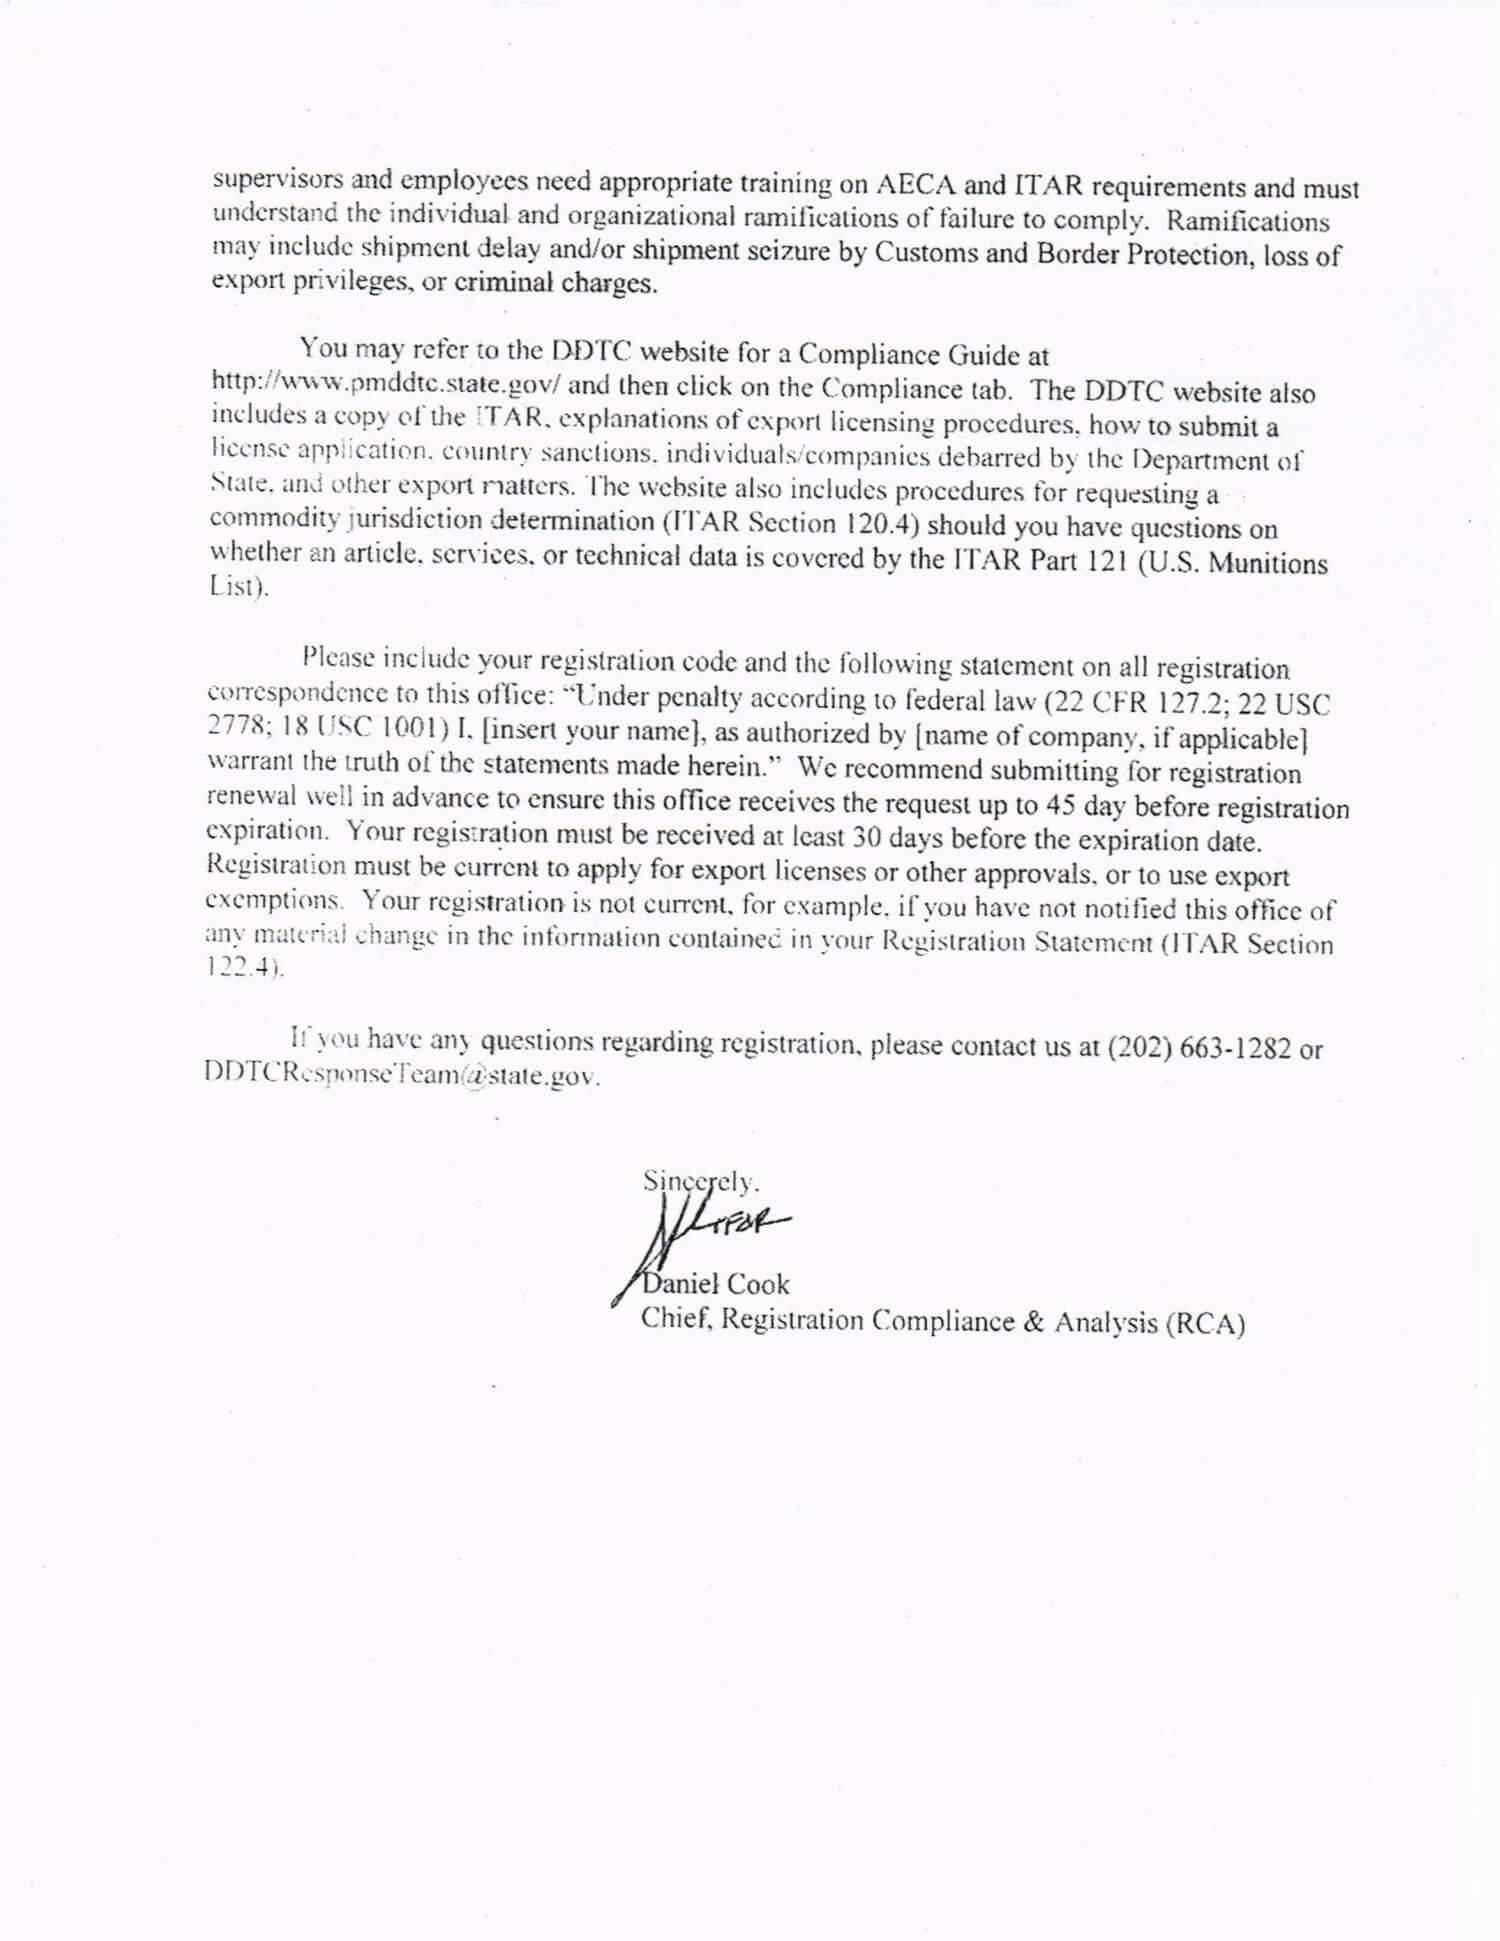 ITAR_REGISTRATION